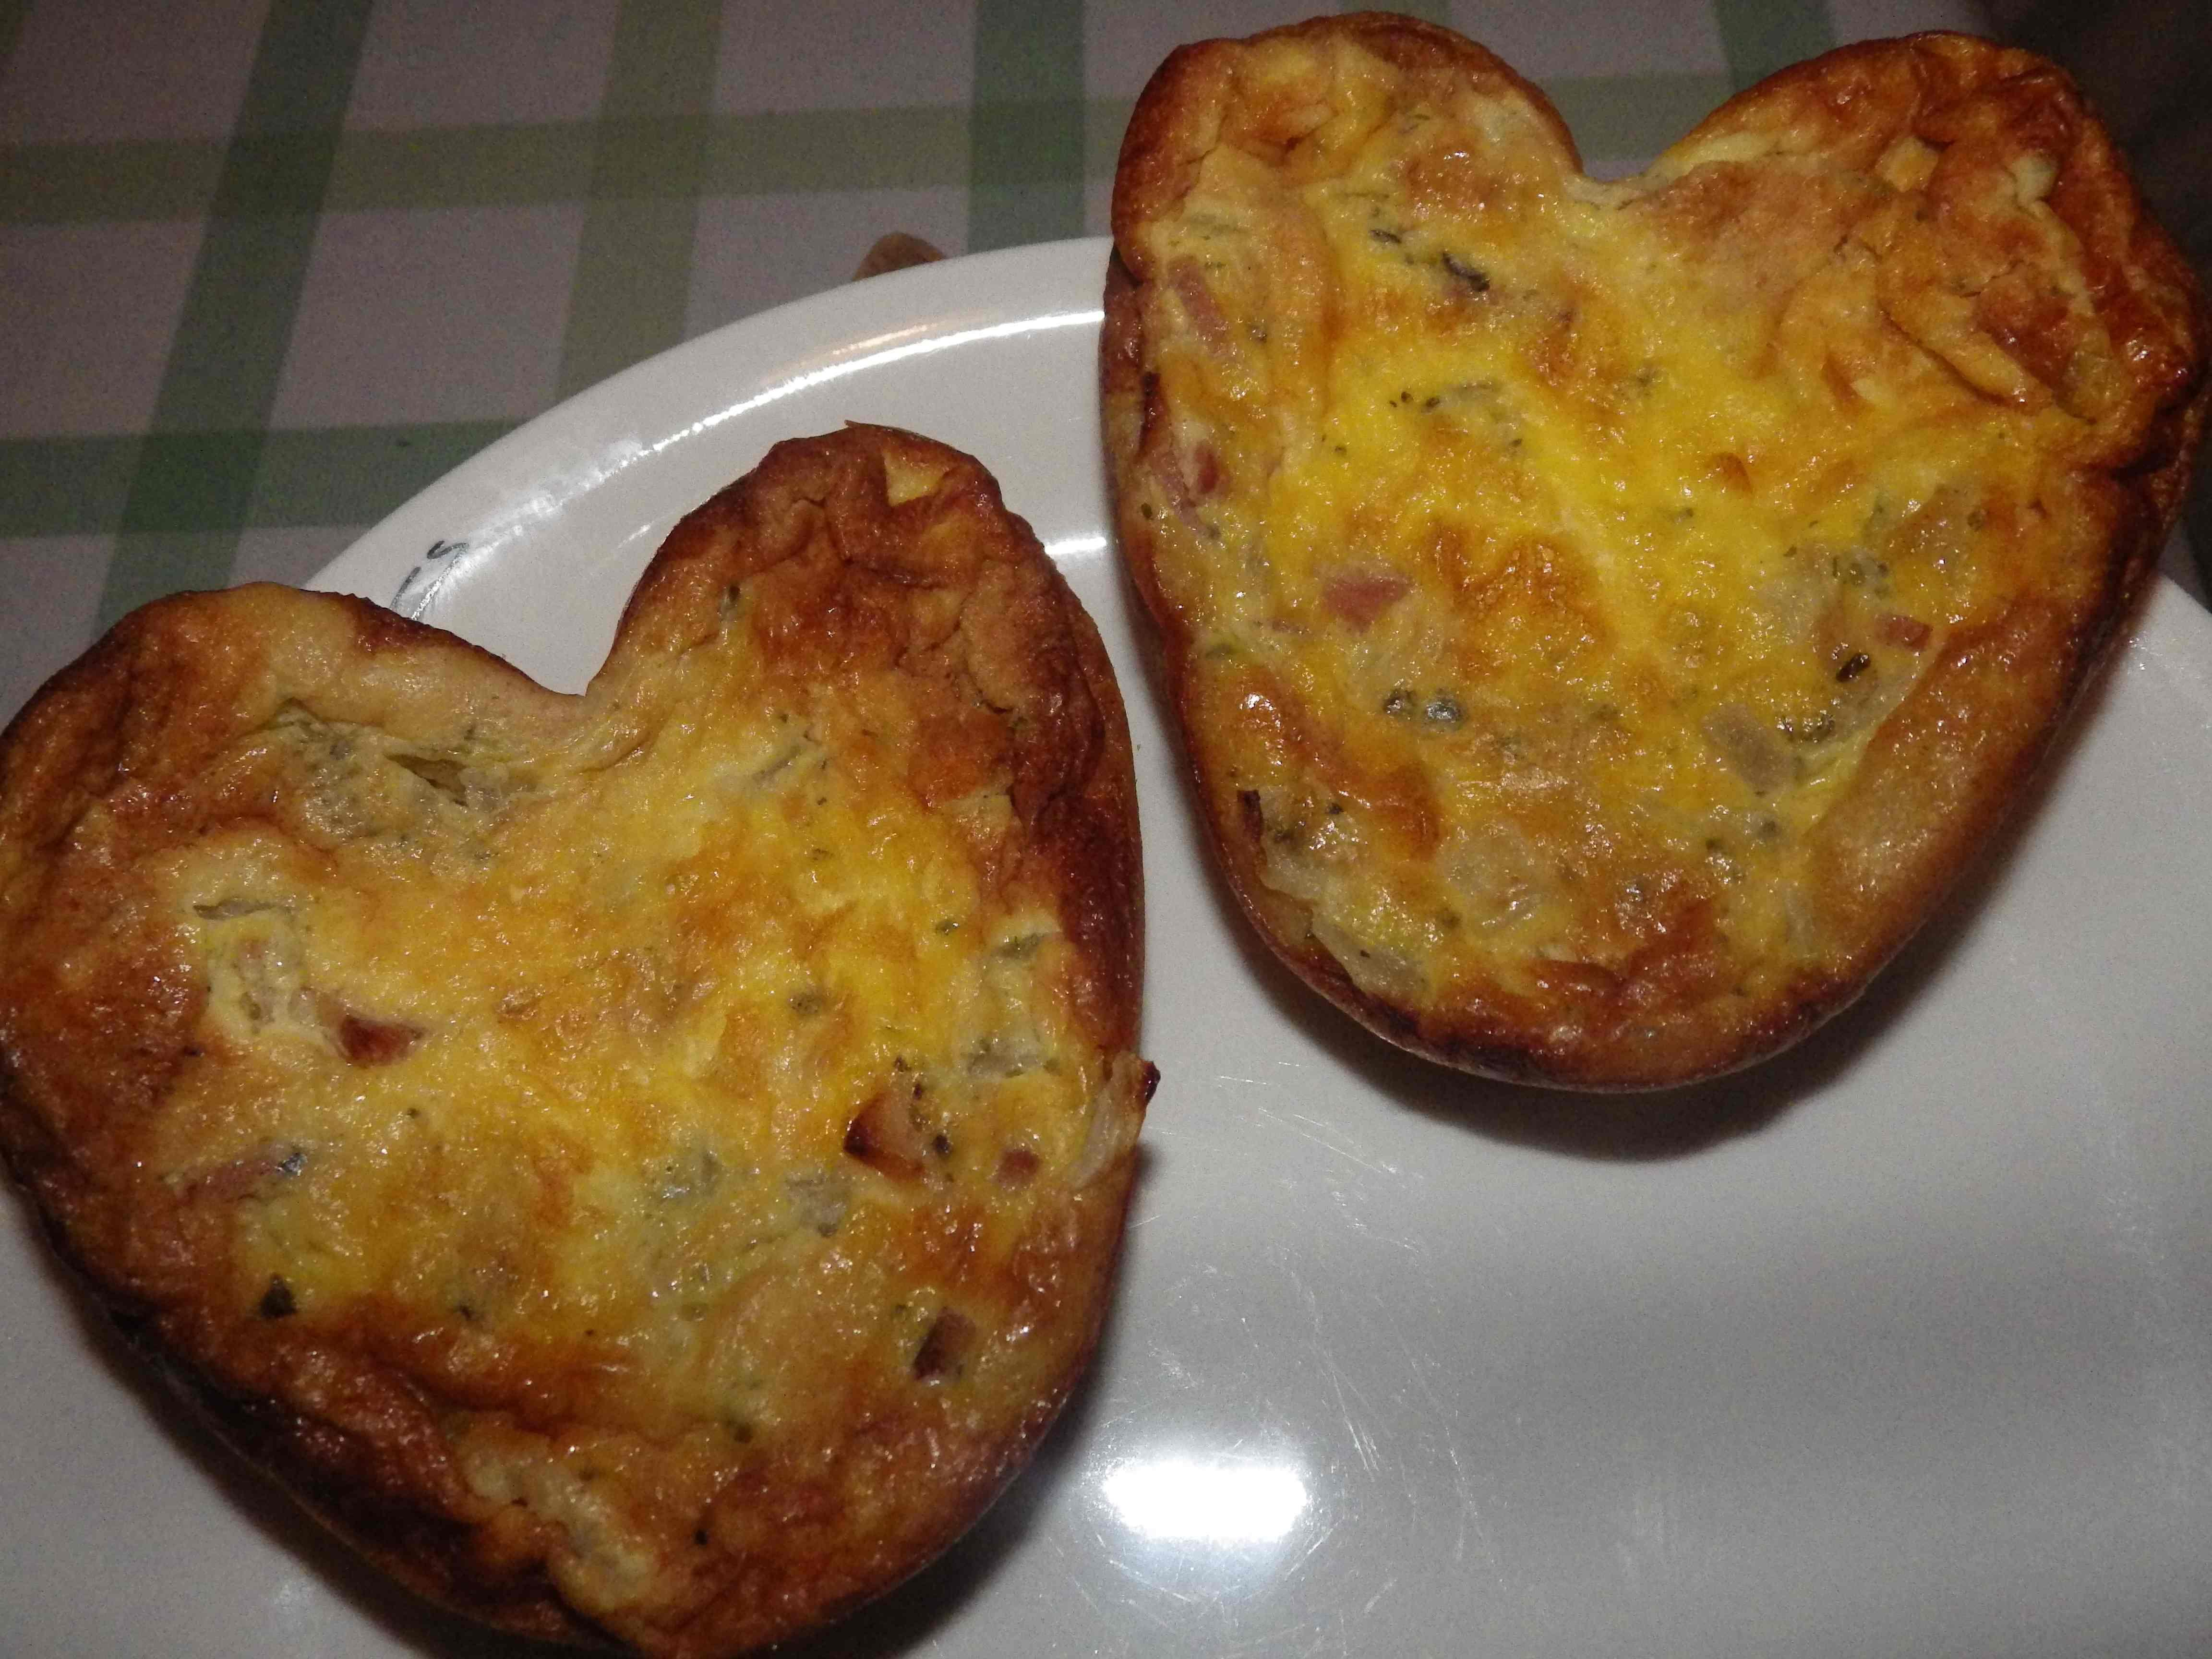 Zwiebelkuchen.jpg